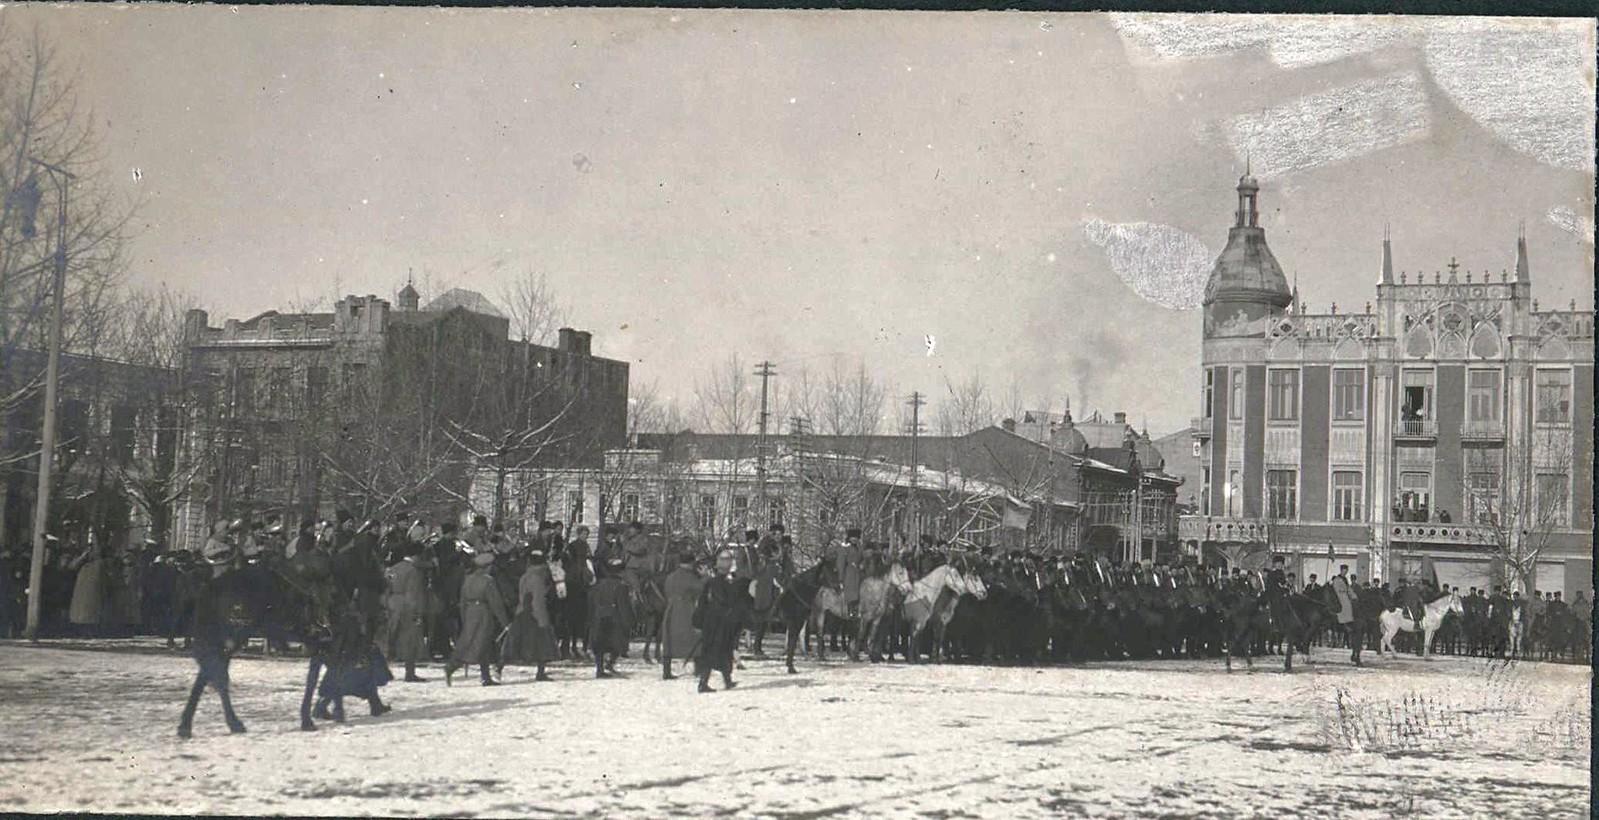 22. 1918. Генерал А. И. Деникин принимает парад Корниловского полка в г. Екатеринодаре